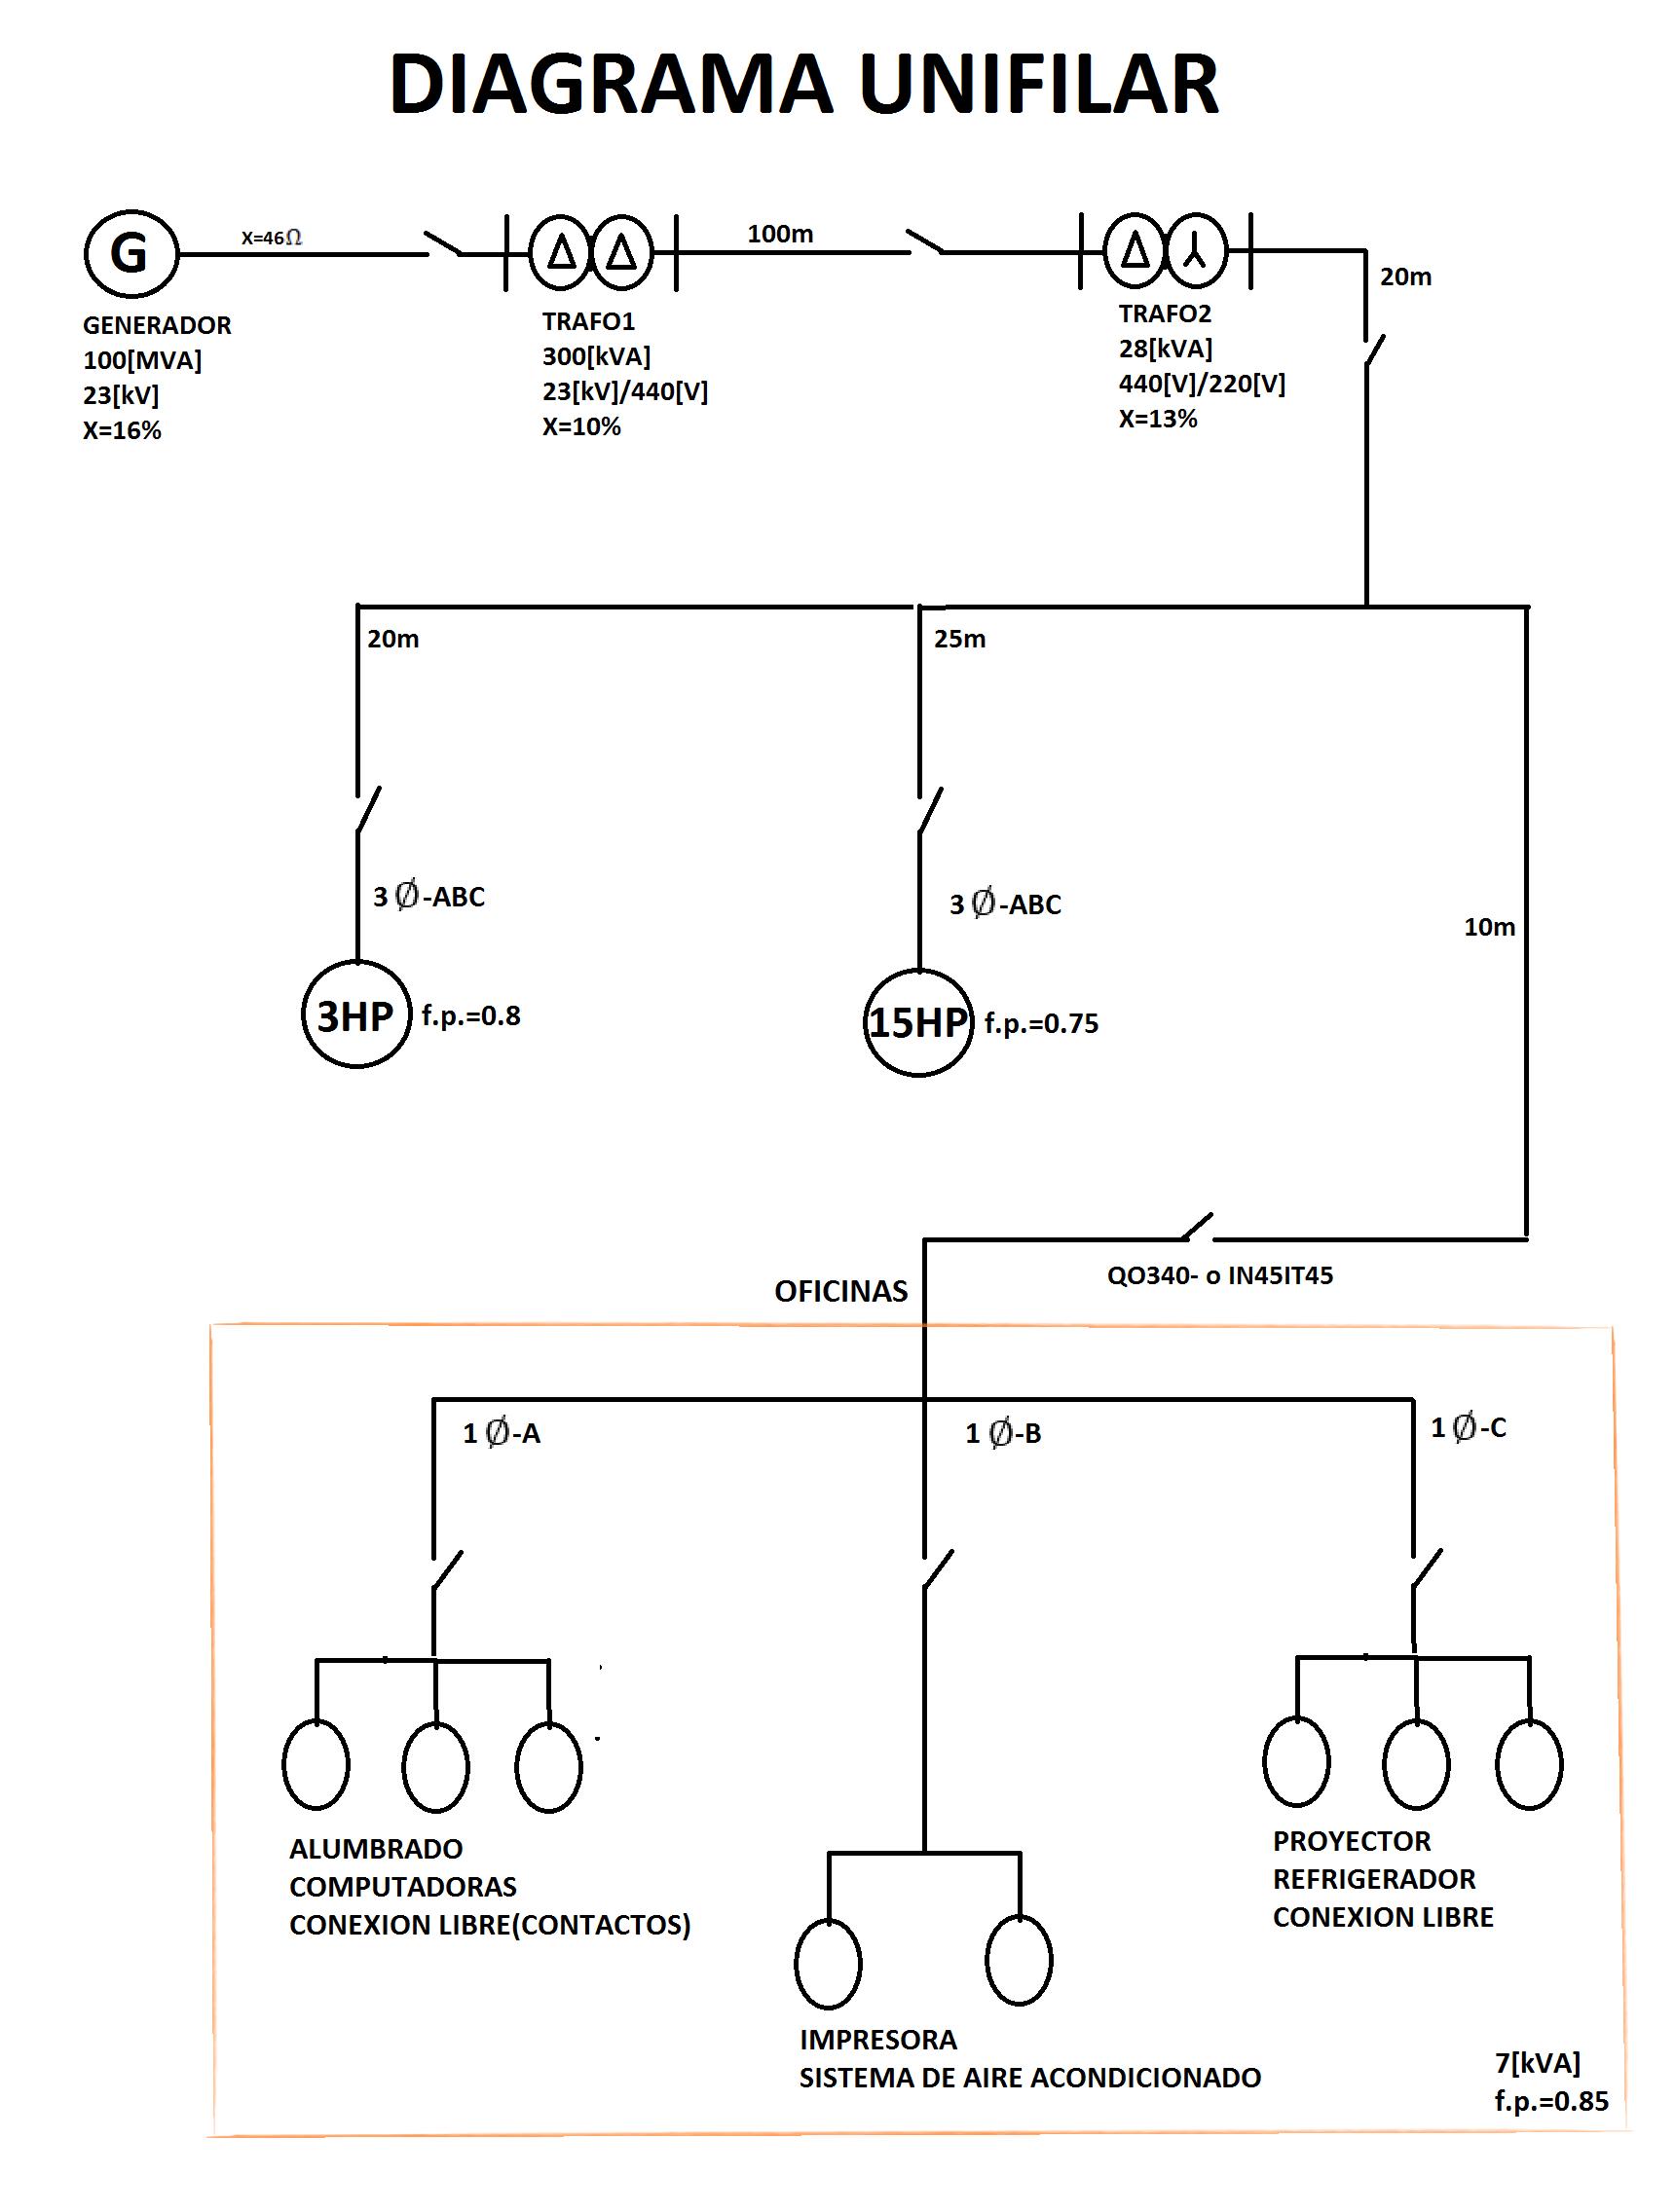 diagrama unifilar electrico casa habitacion  bloques cad autocad arquitectura download d dwg